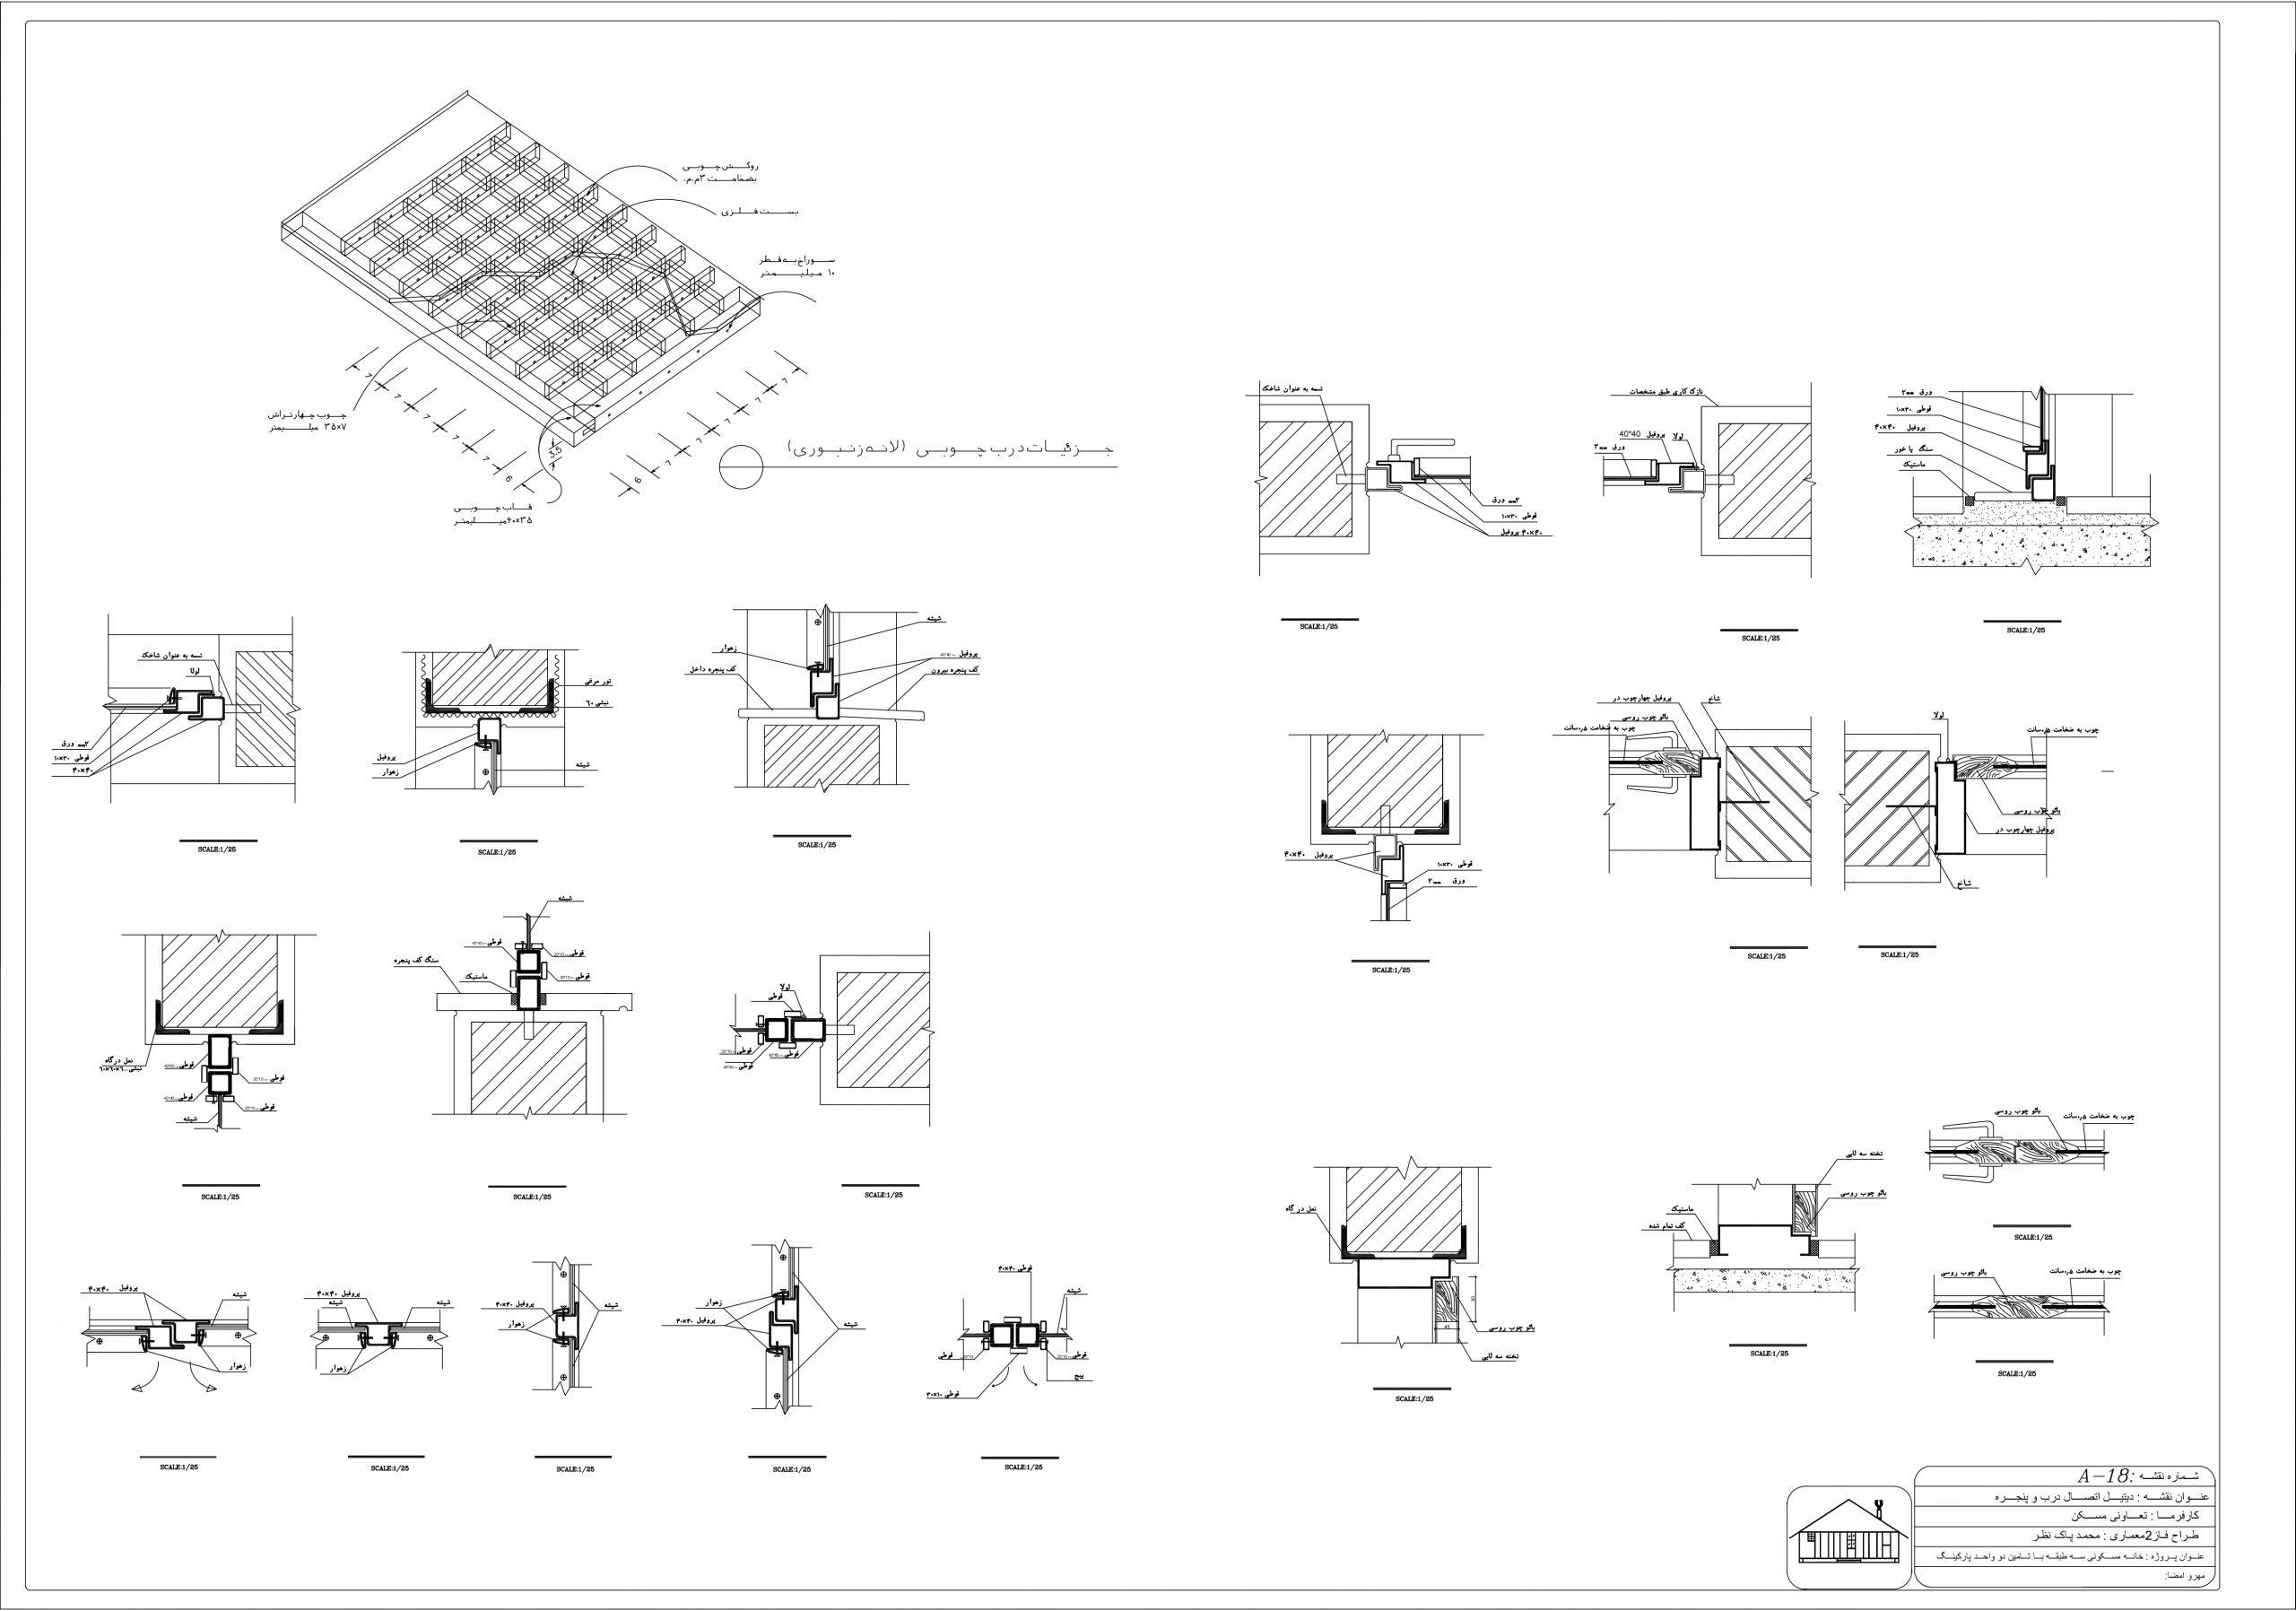 آموزش طراحی پلان مسکونی